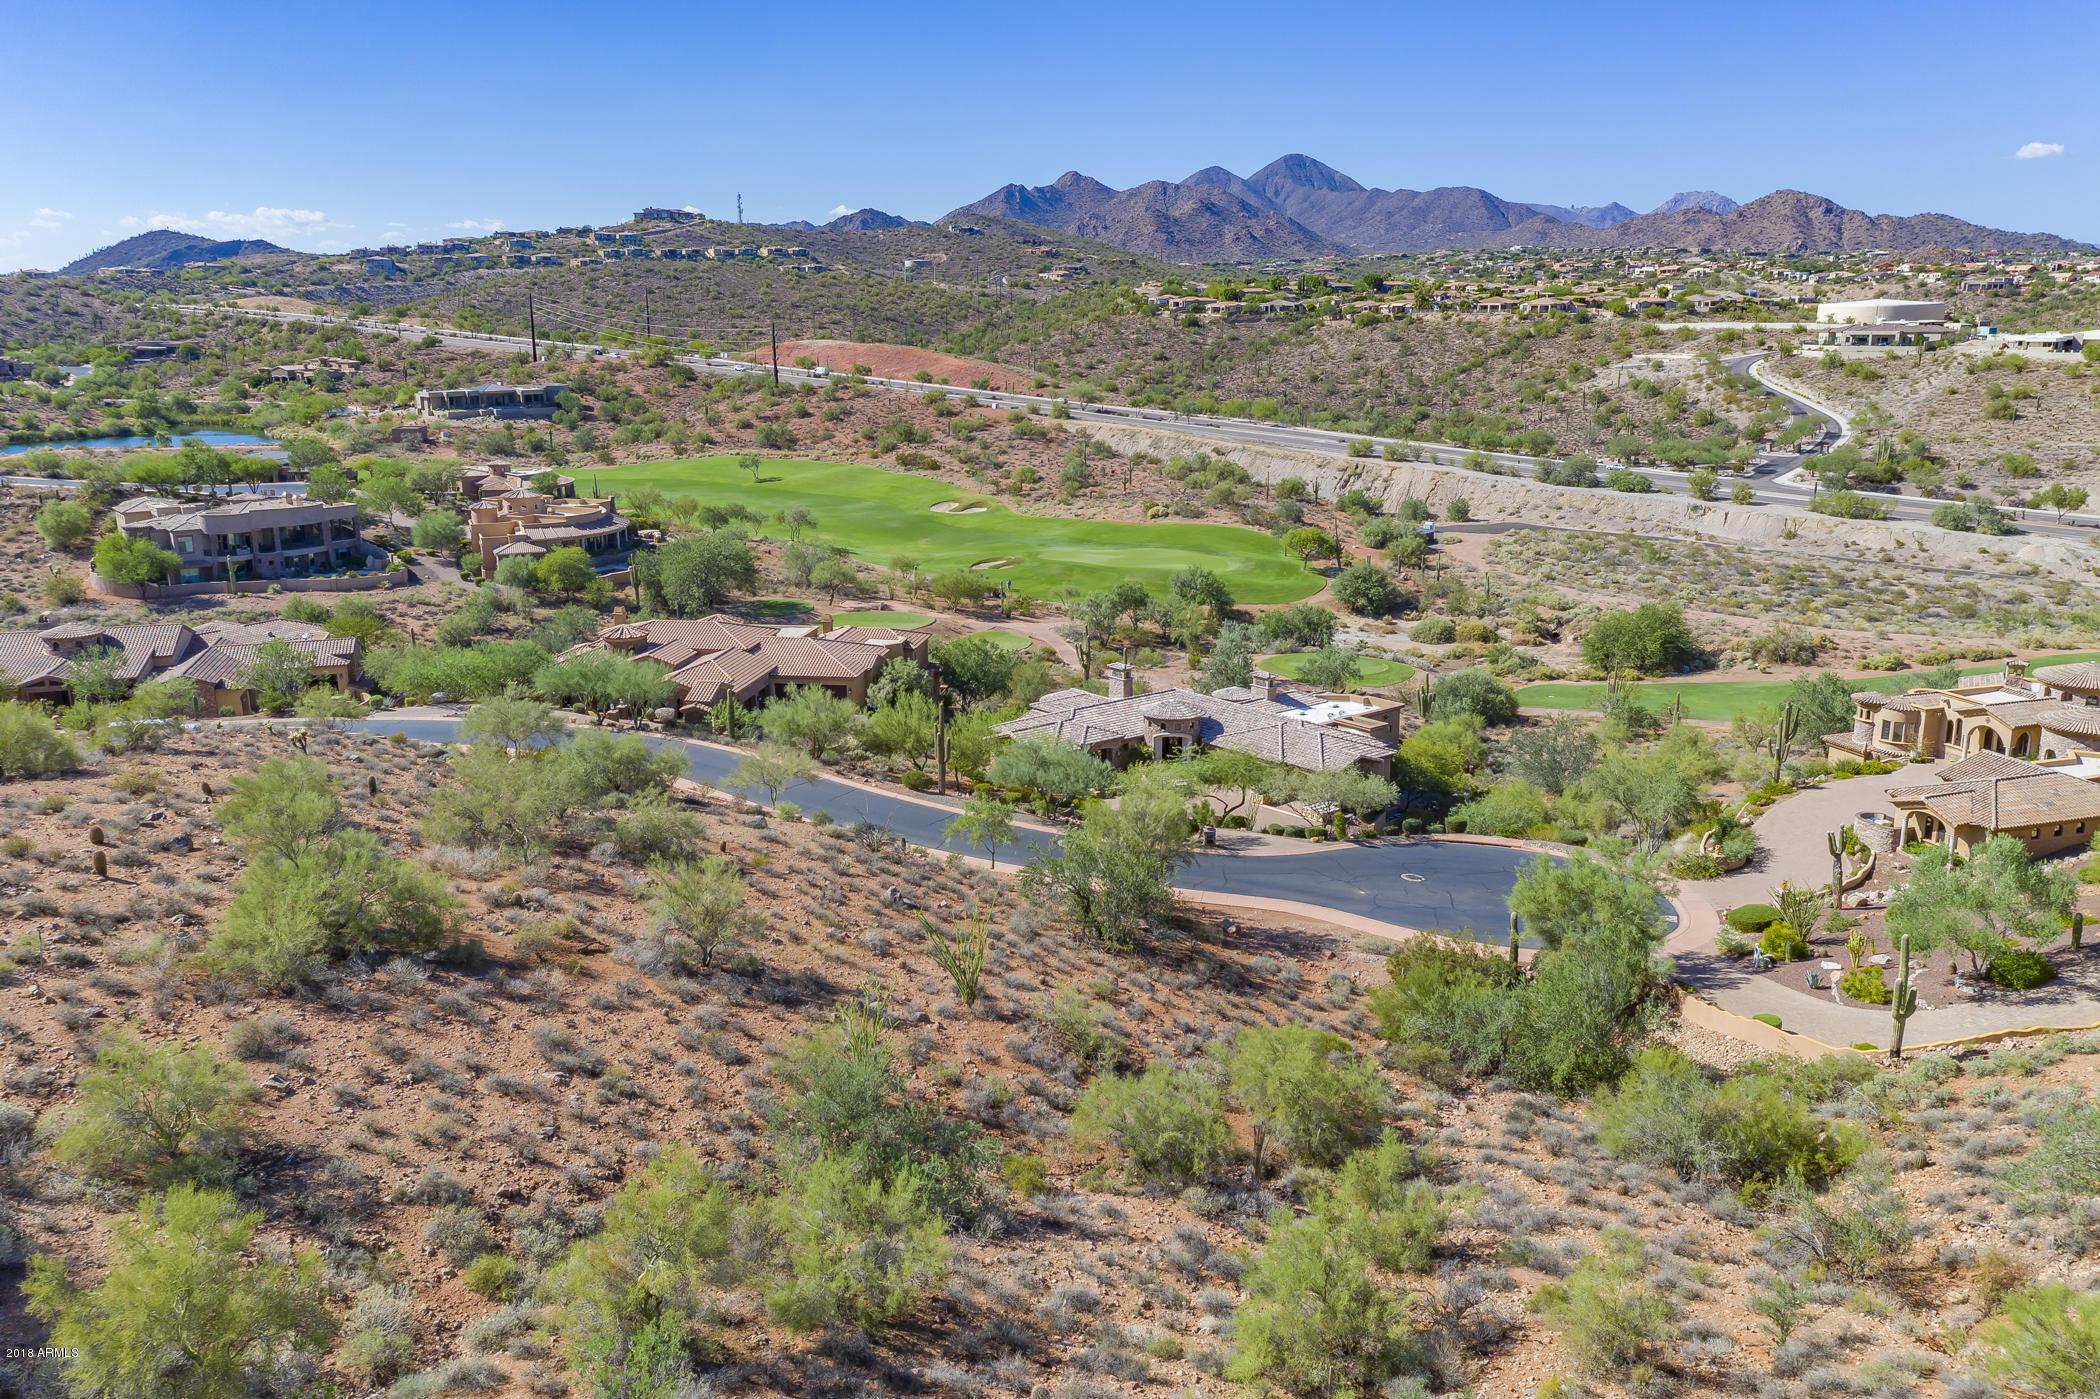 10125 N Mcdowell View Trail, Fountain Hills AZ 85268 - Photo 2